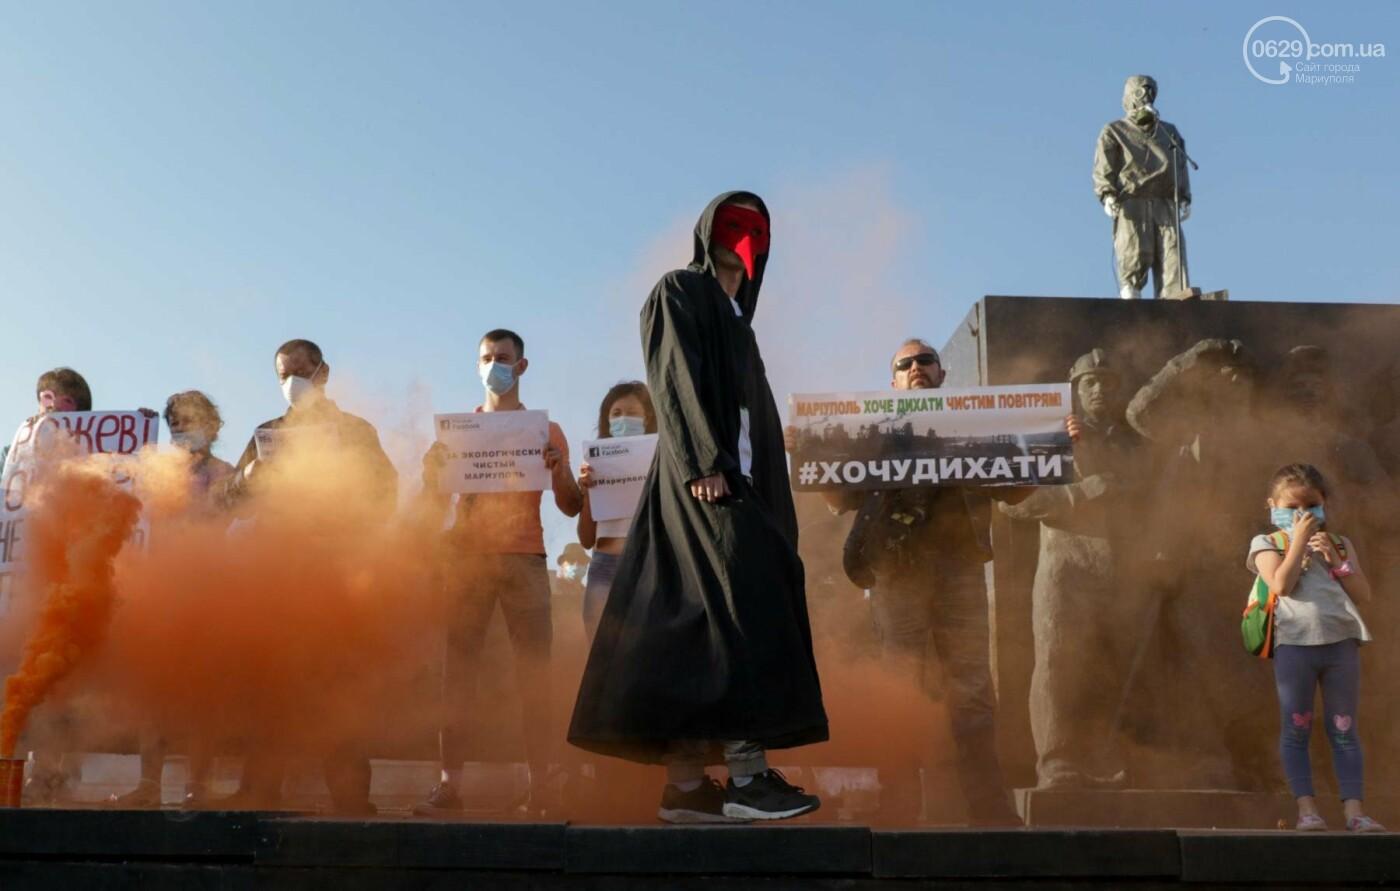 Экологический флешмоб: мариупольцы заявили, что хотят дышать,- ФОТО, ВИДЕО, фото-4